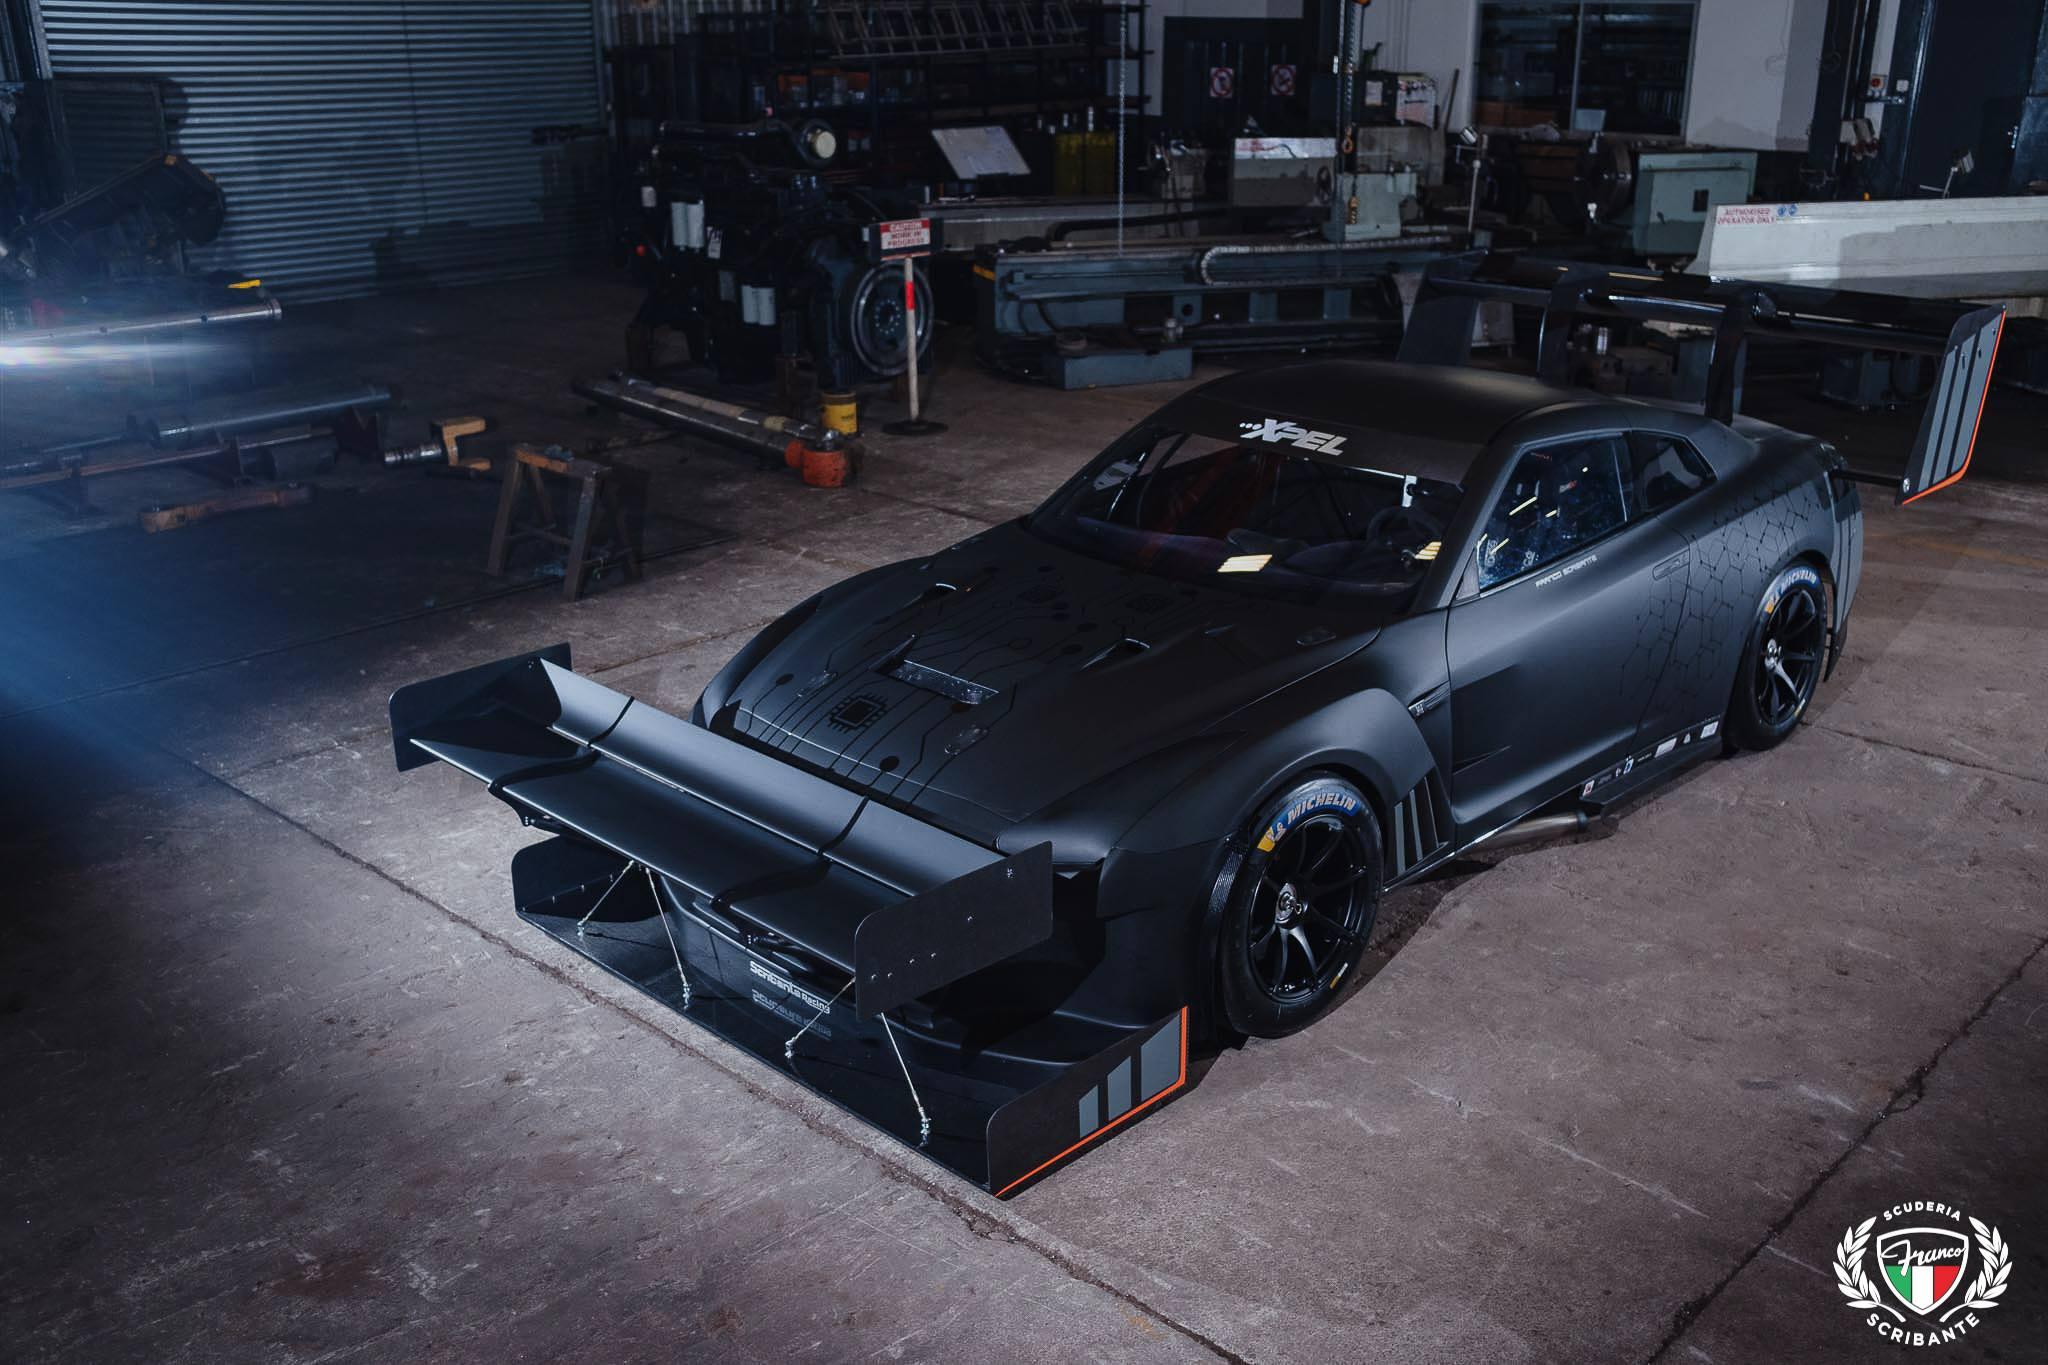 Nissan_GT-R_hillclimb_0004